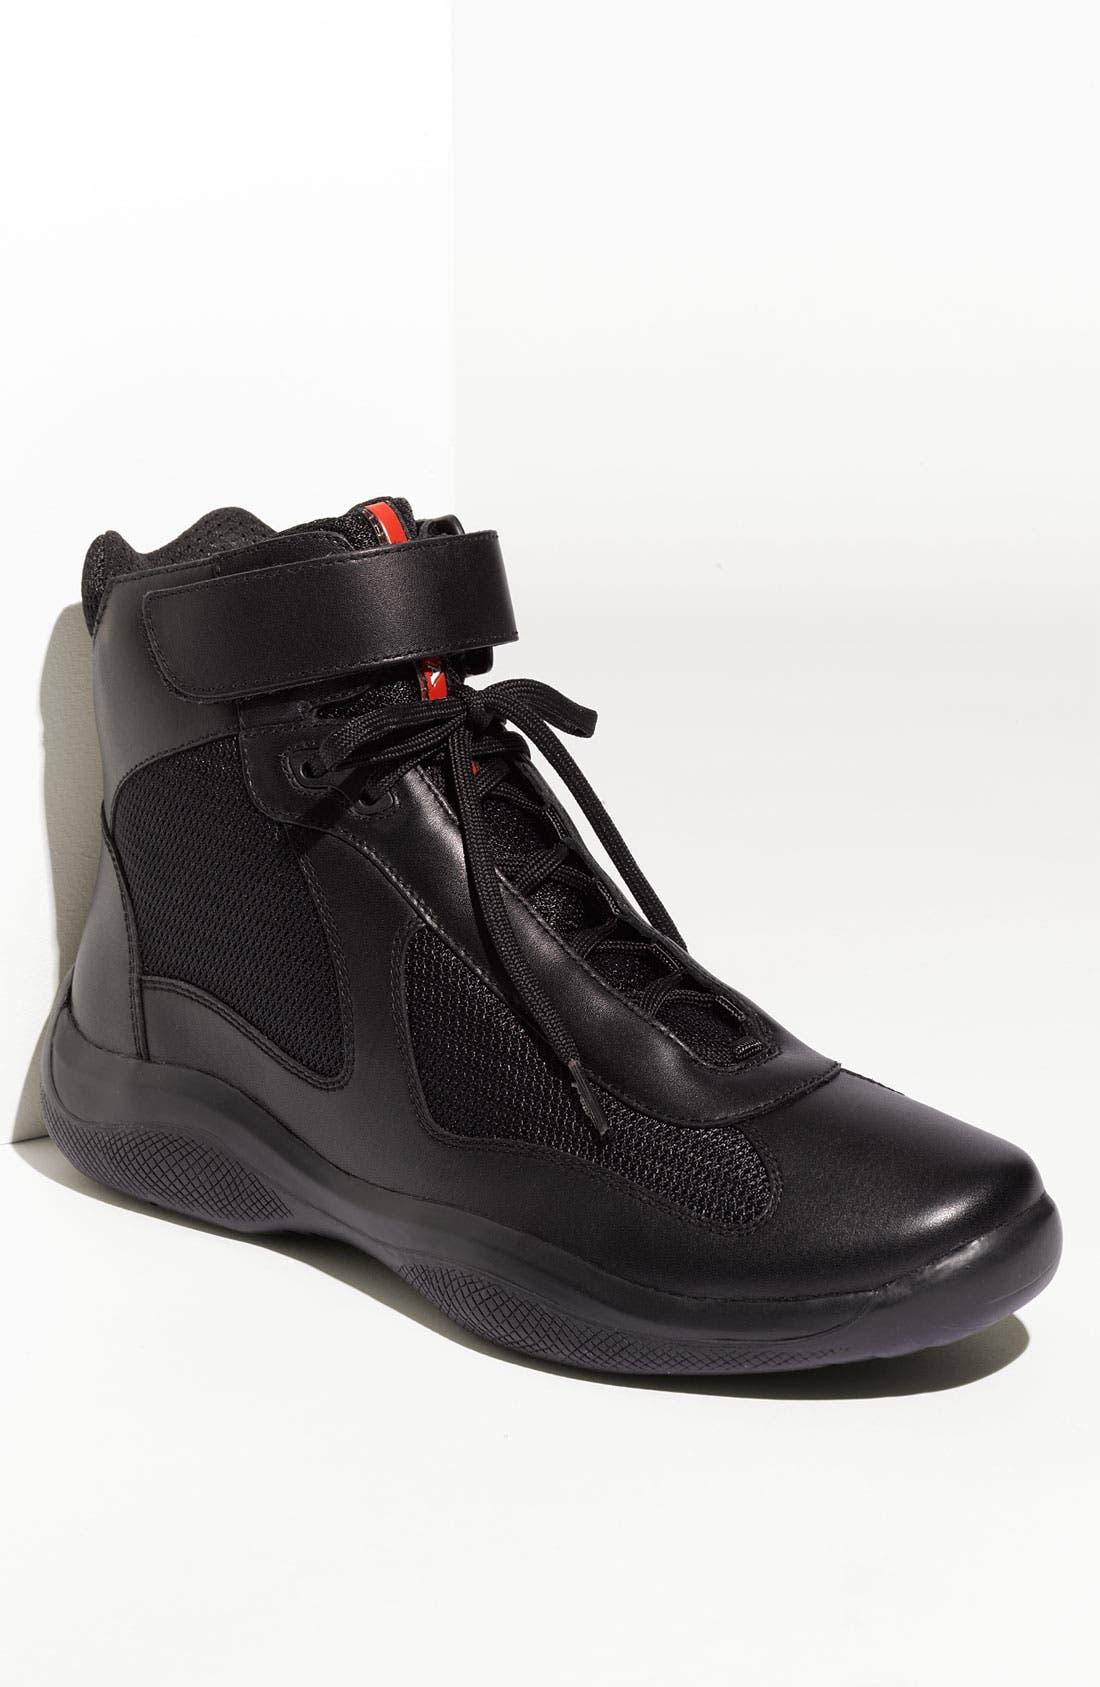 Alternate Image 1 Selected - Prada 'America's Cup' High Top Sneaker (Men)